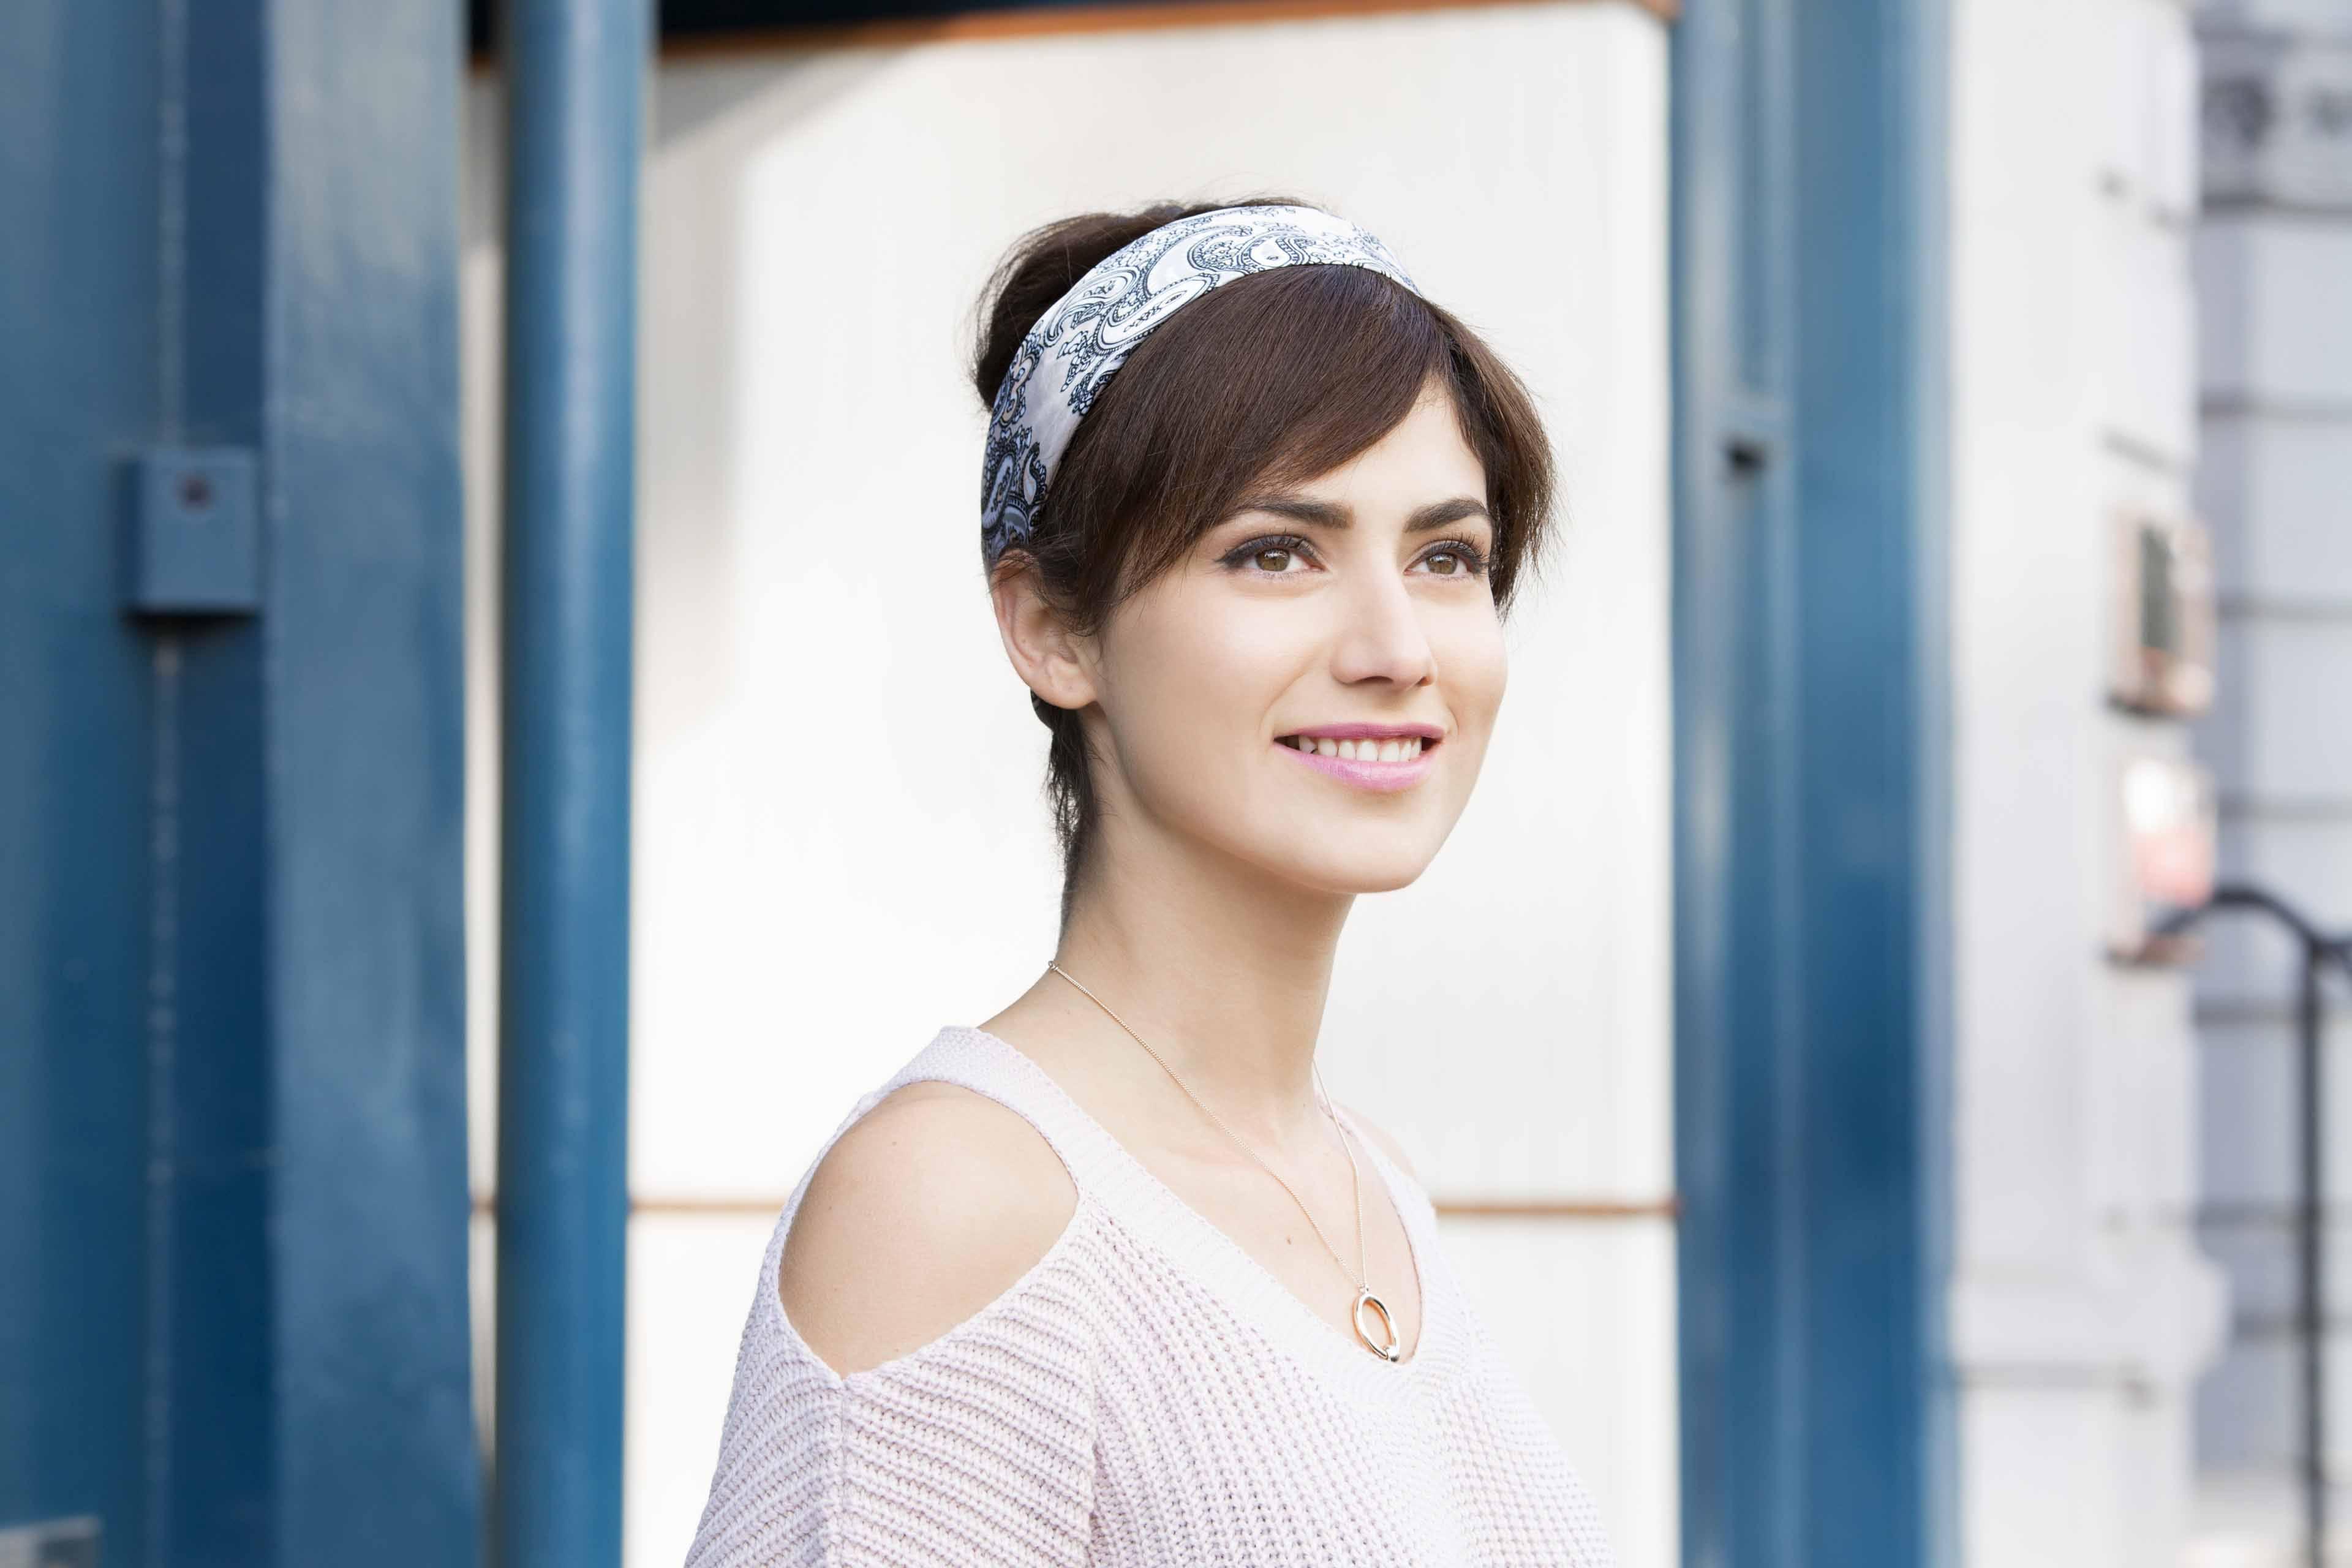 une fille avec une fausse frange de cheveux qui sourit à l'extérieur